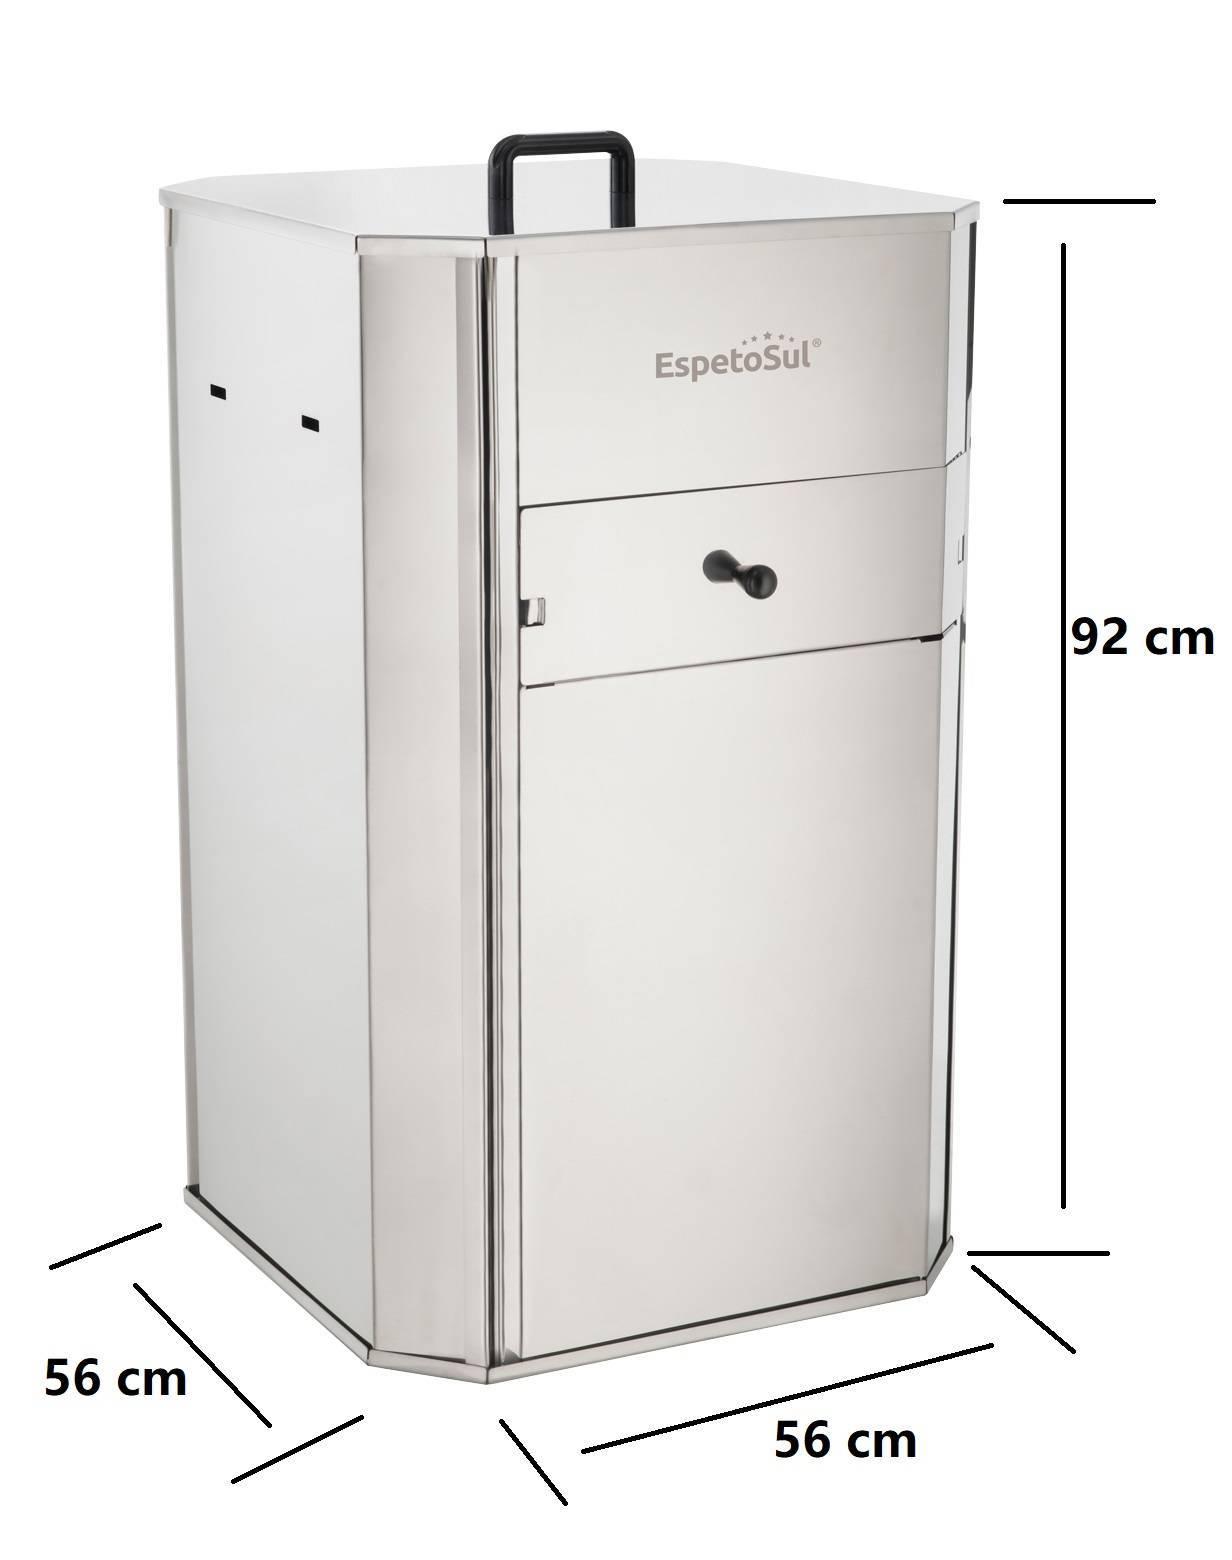 Churrasqueira a carvão inox 20 kg para costela 2 Espeto a pilha - EspetoSul